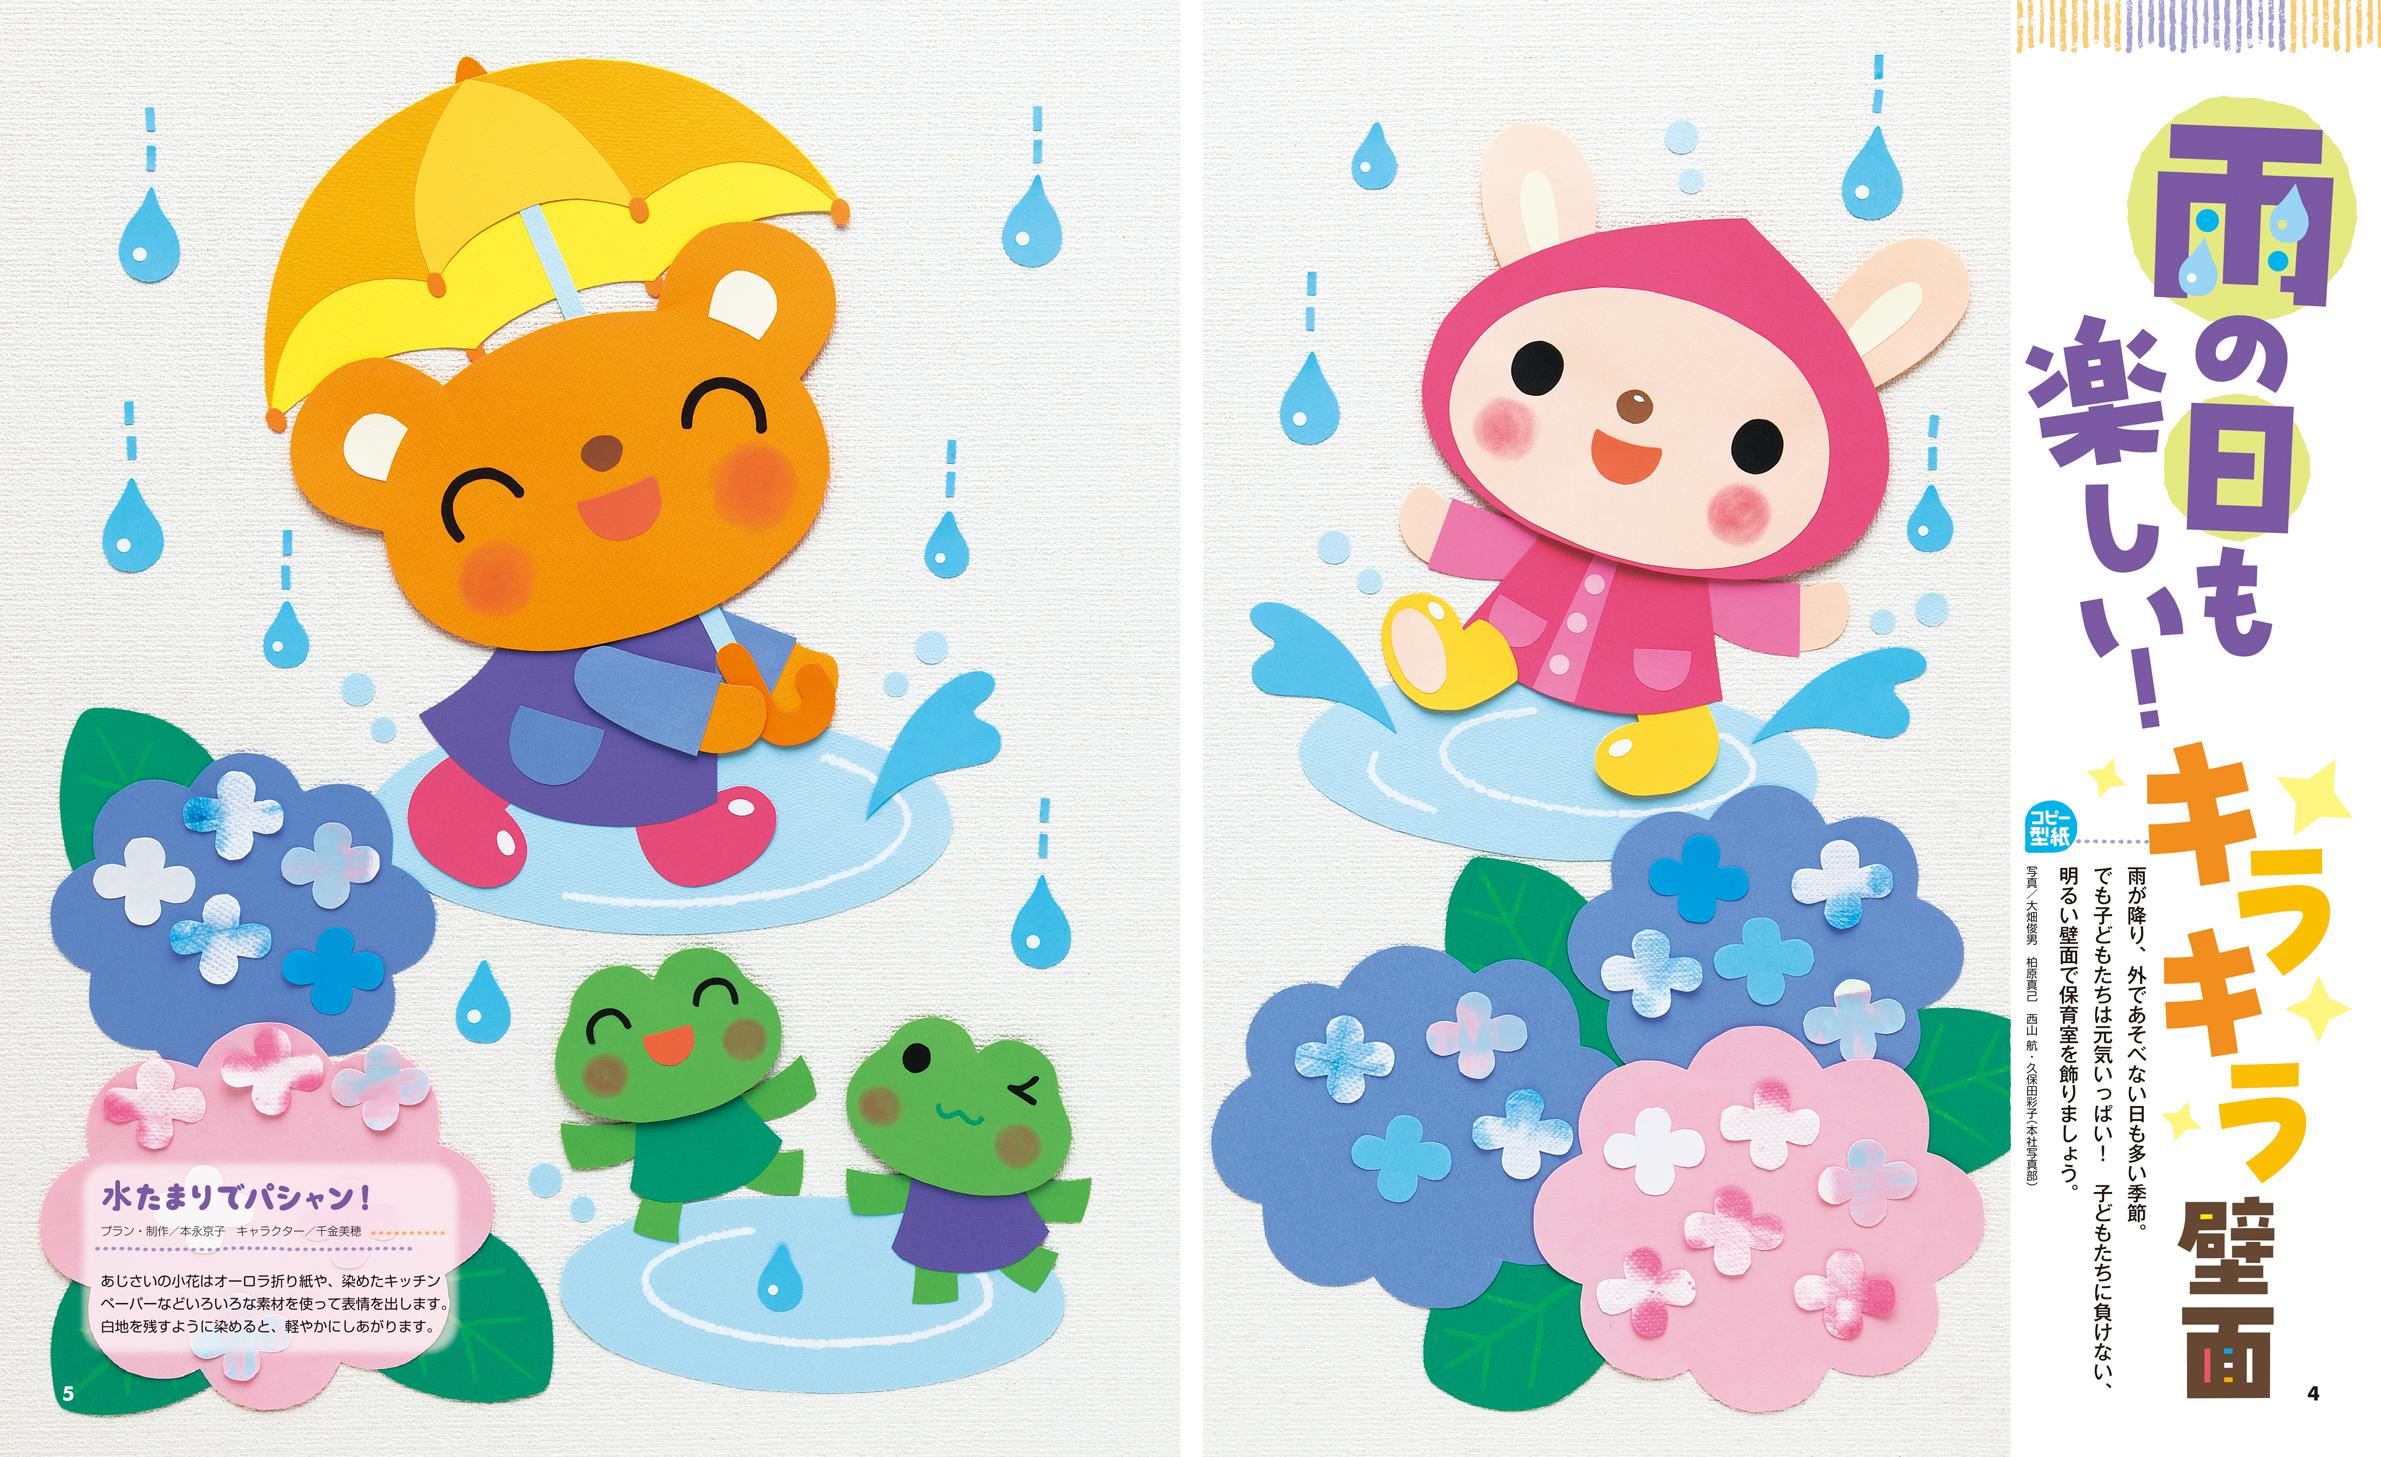 雨の日も楽しい! キラキラ壁面 水たまりでパシャン!